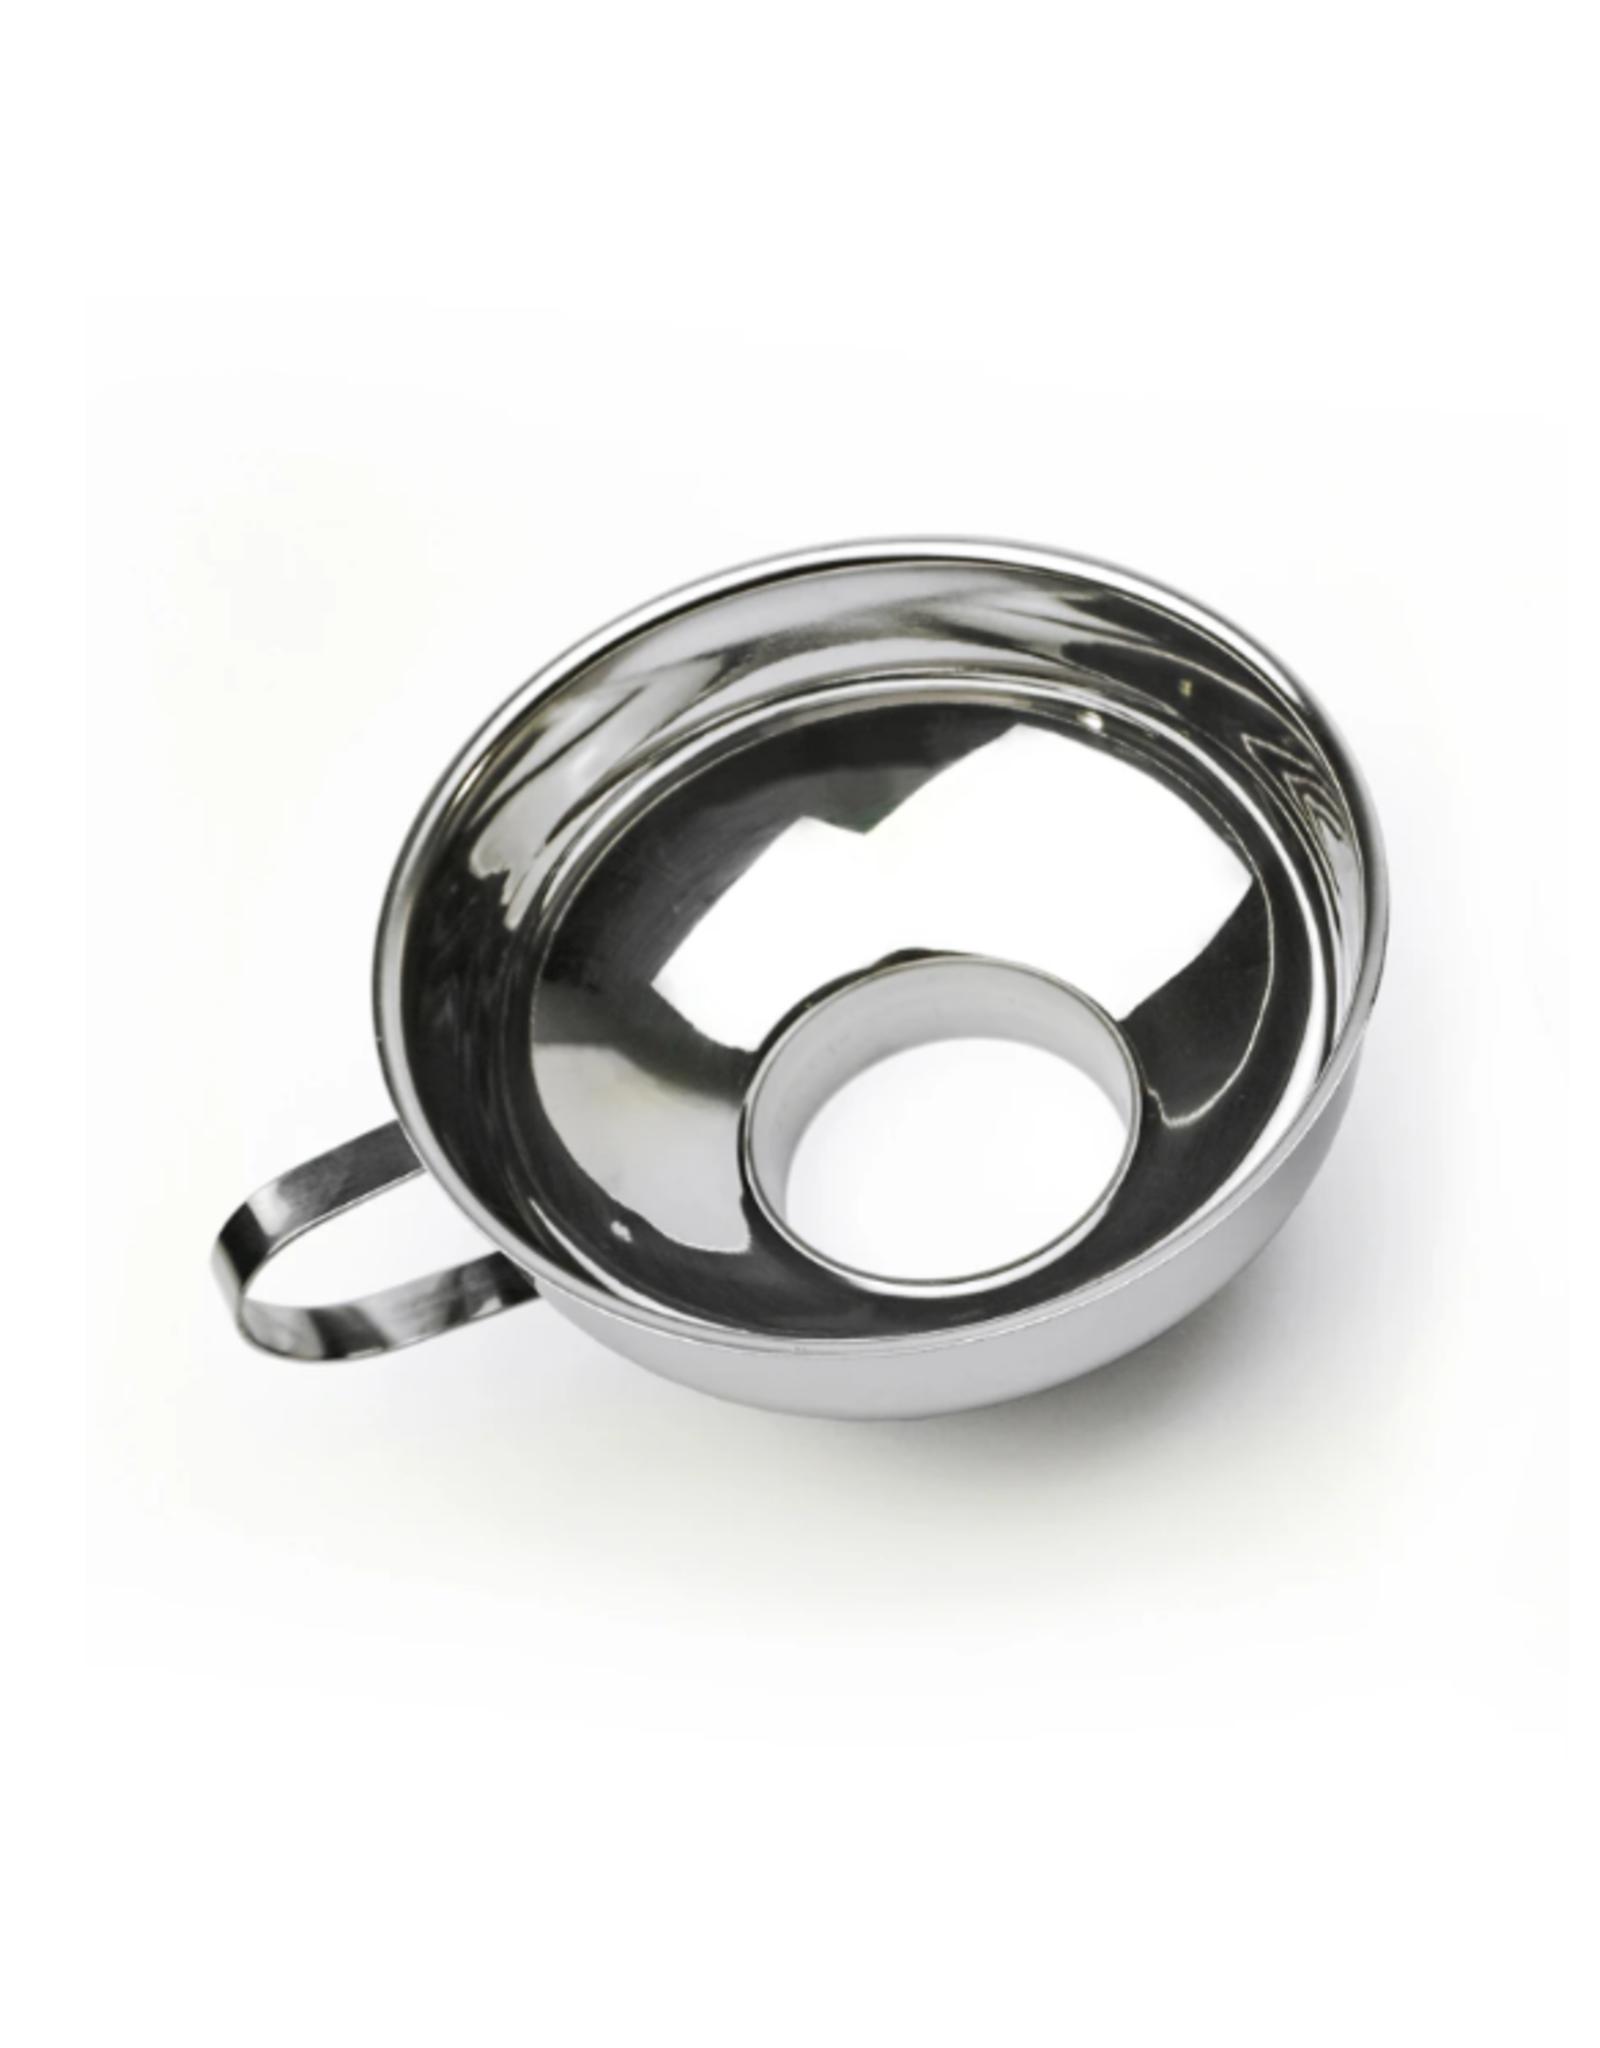 RSVP Canning Funnel